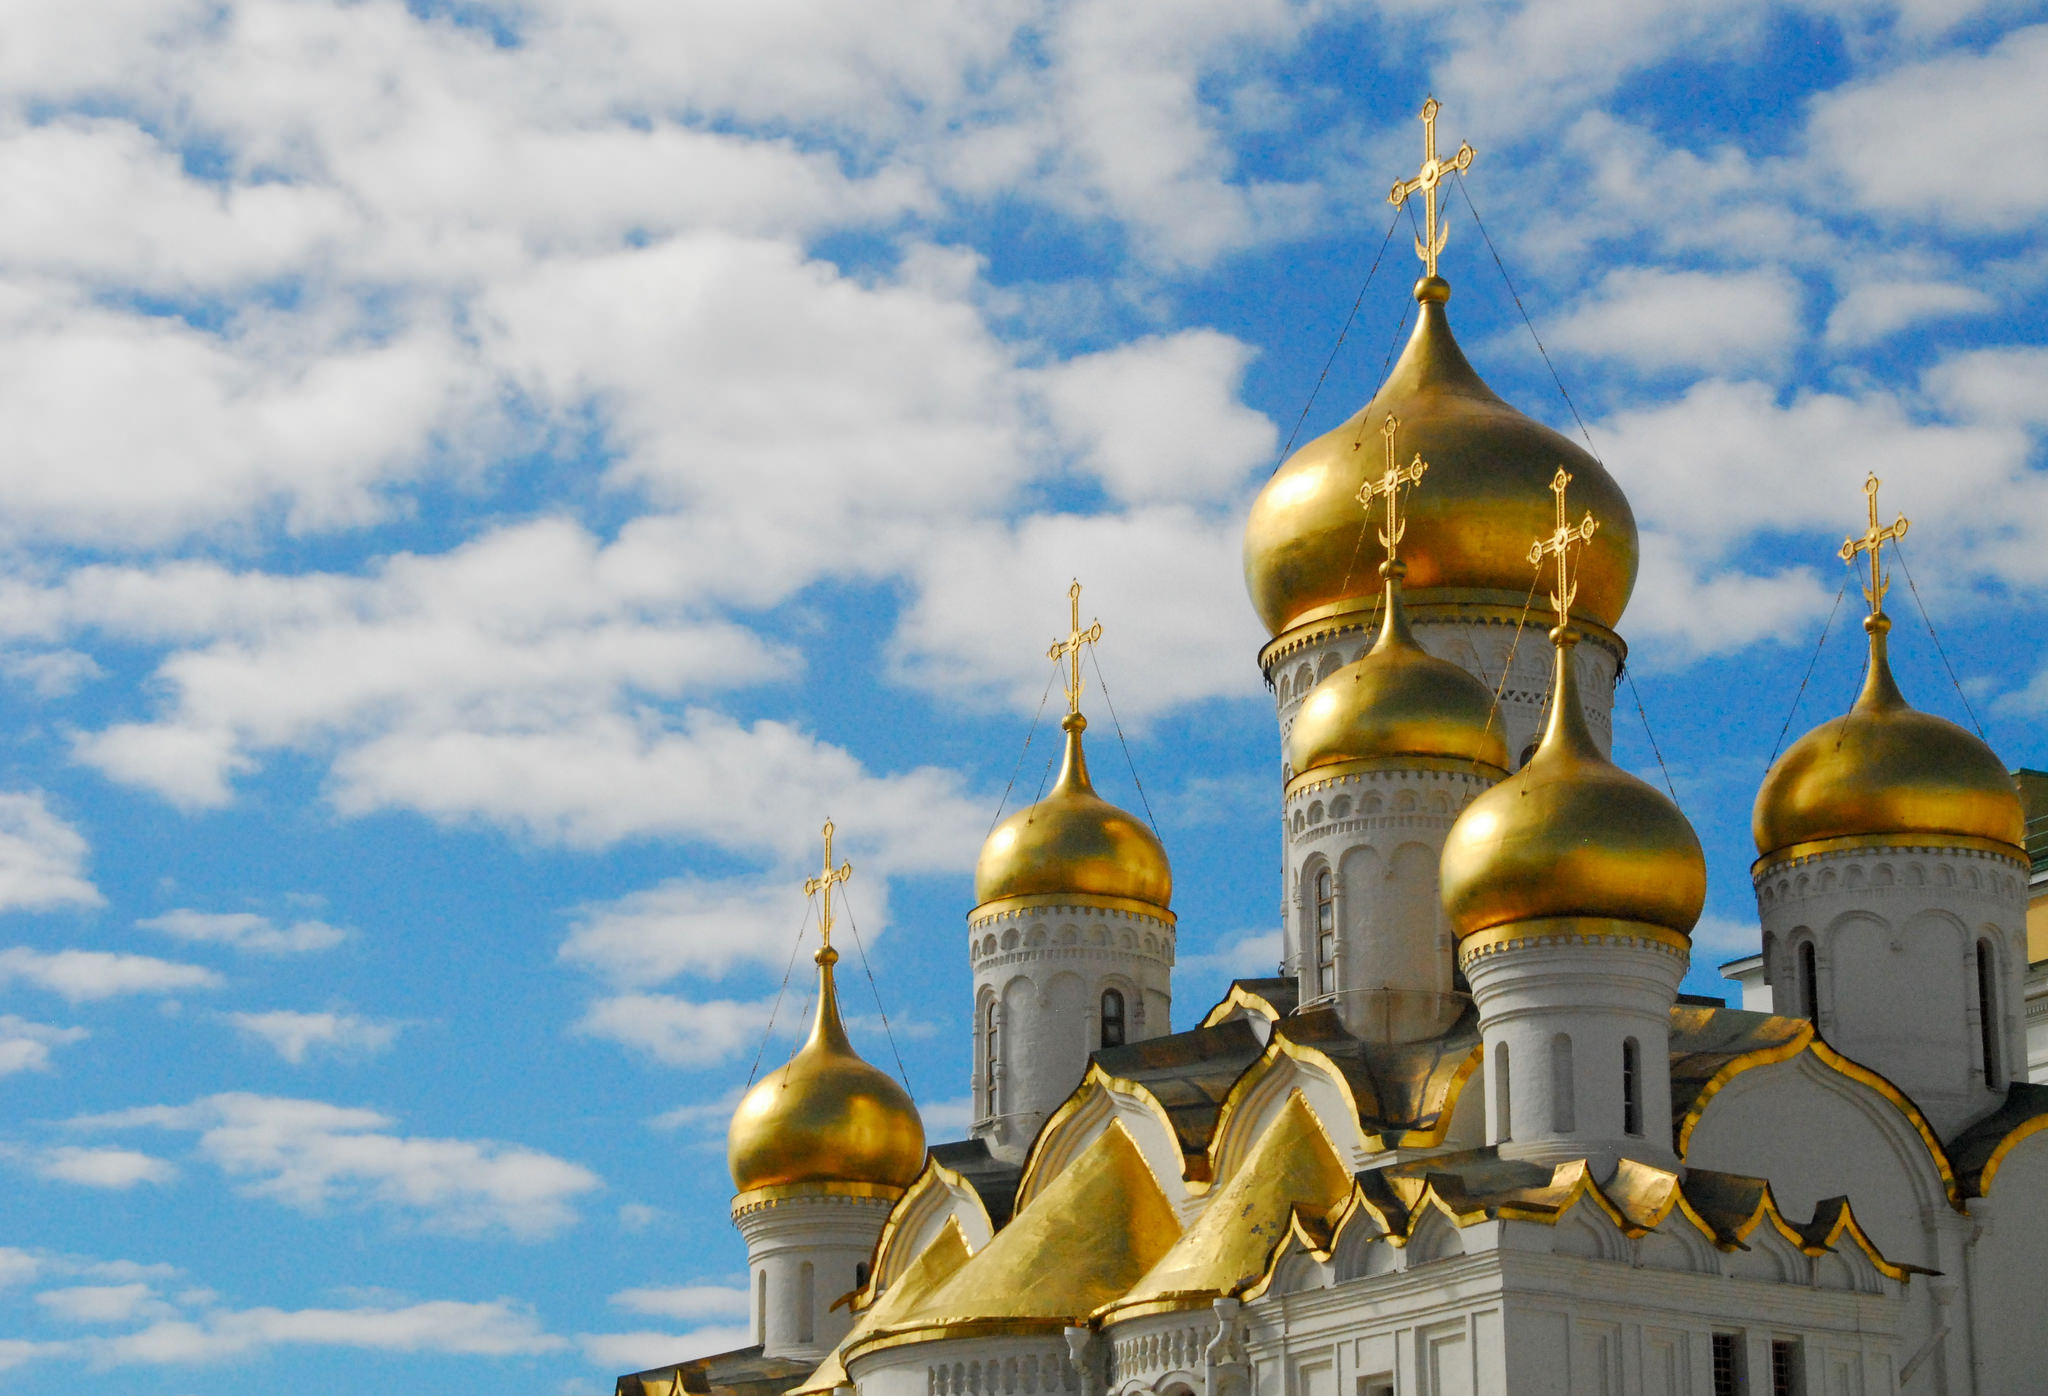 Oroszország a bányászok mekkája lehet